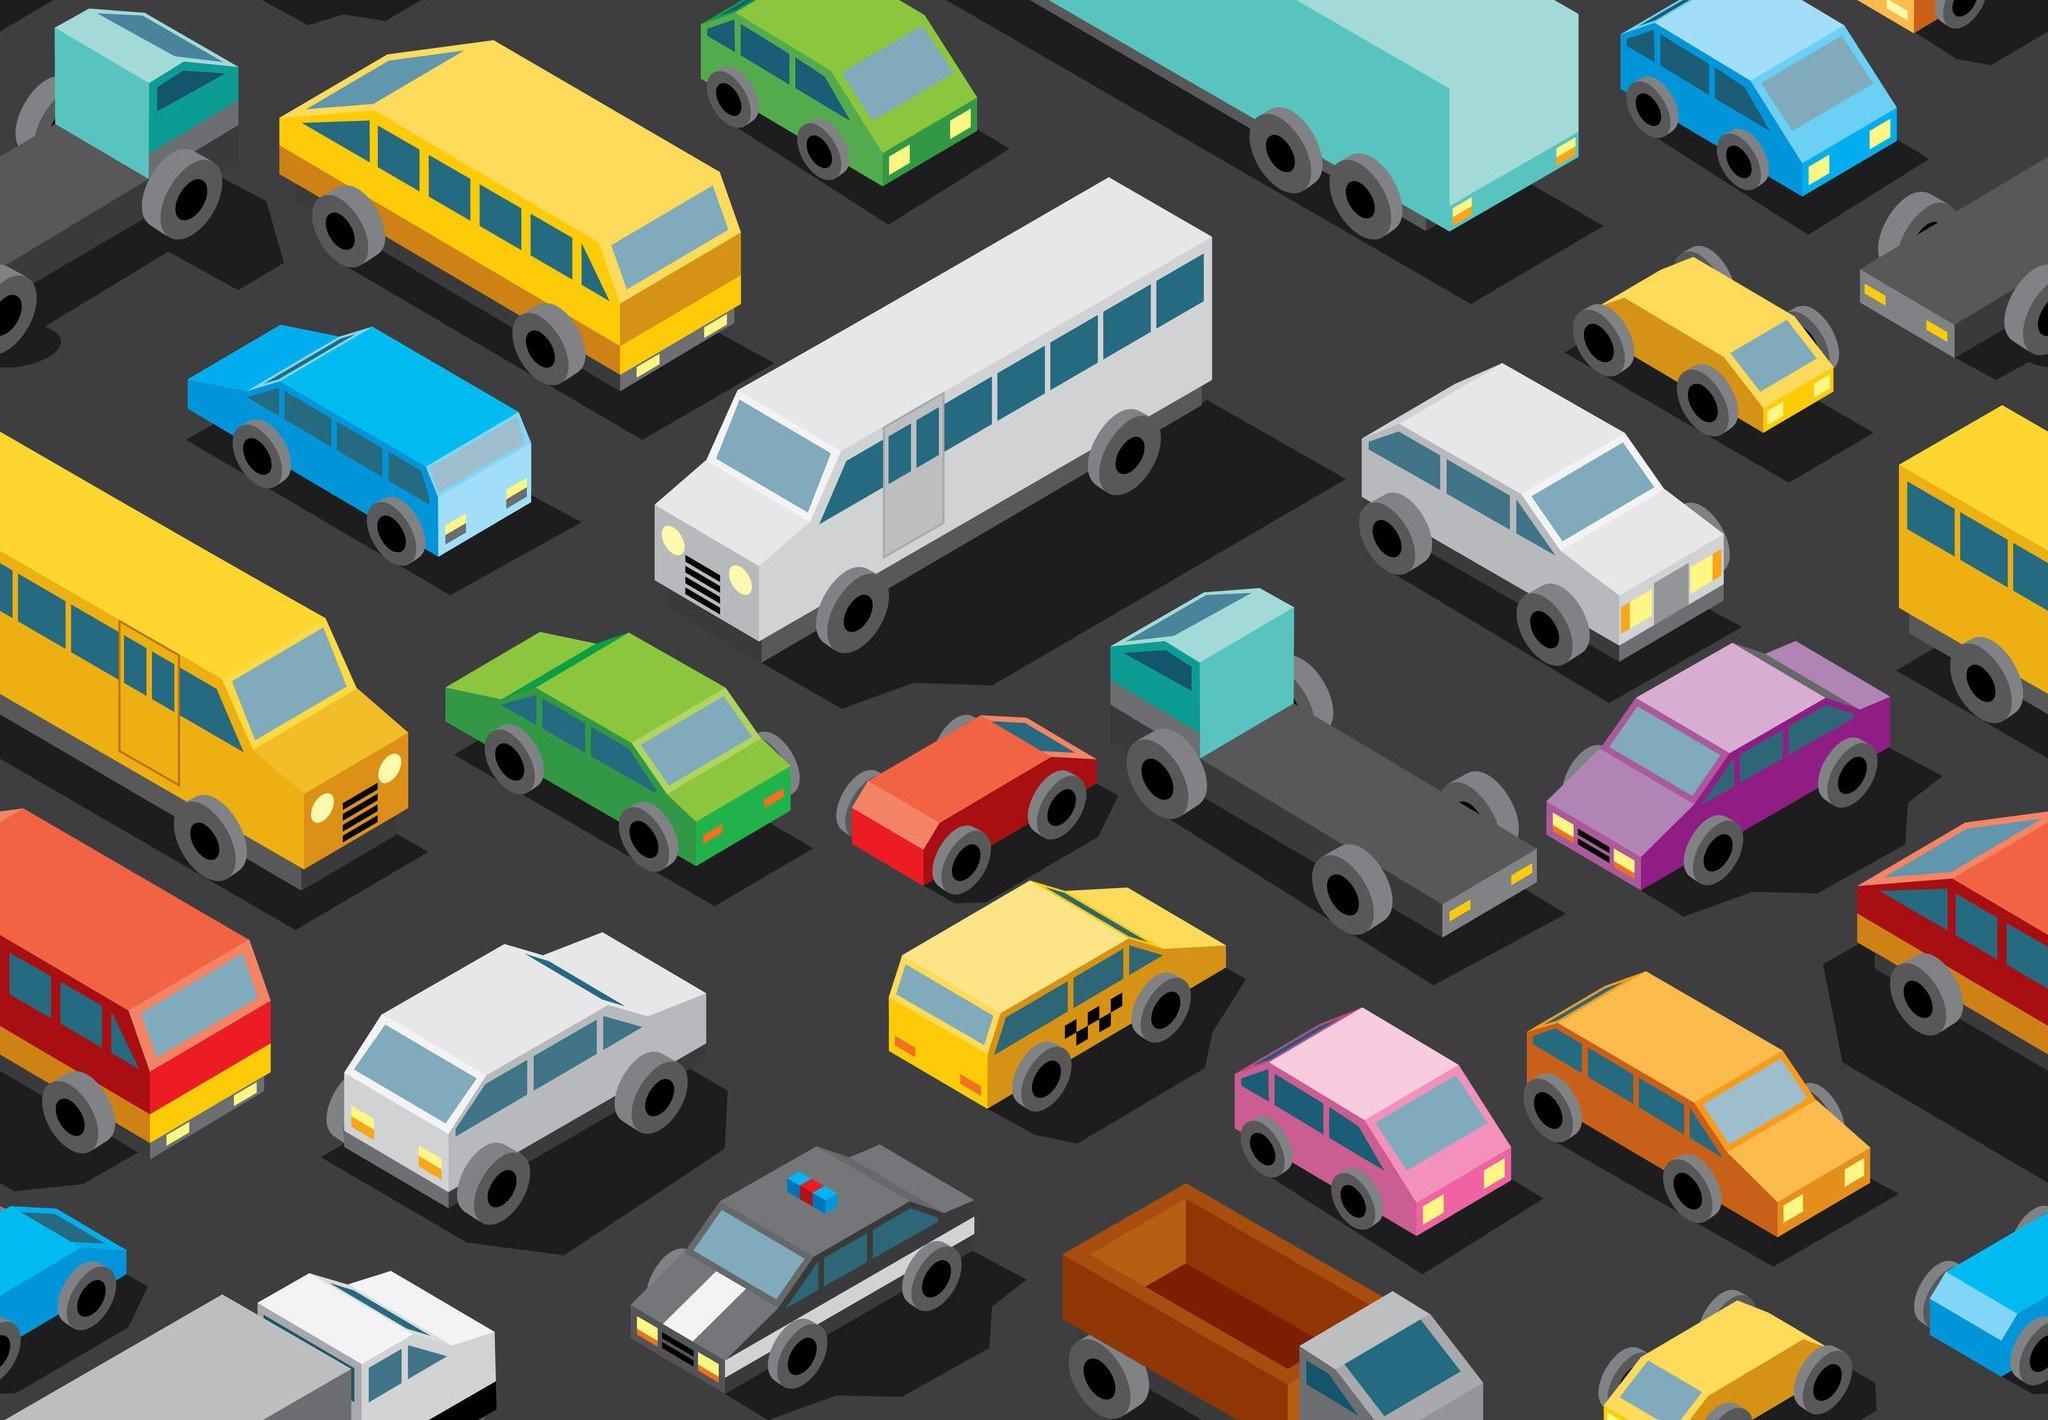 พักรถ เพิ่มปั่น ลดมลพิษ thaihealth